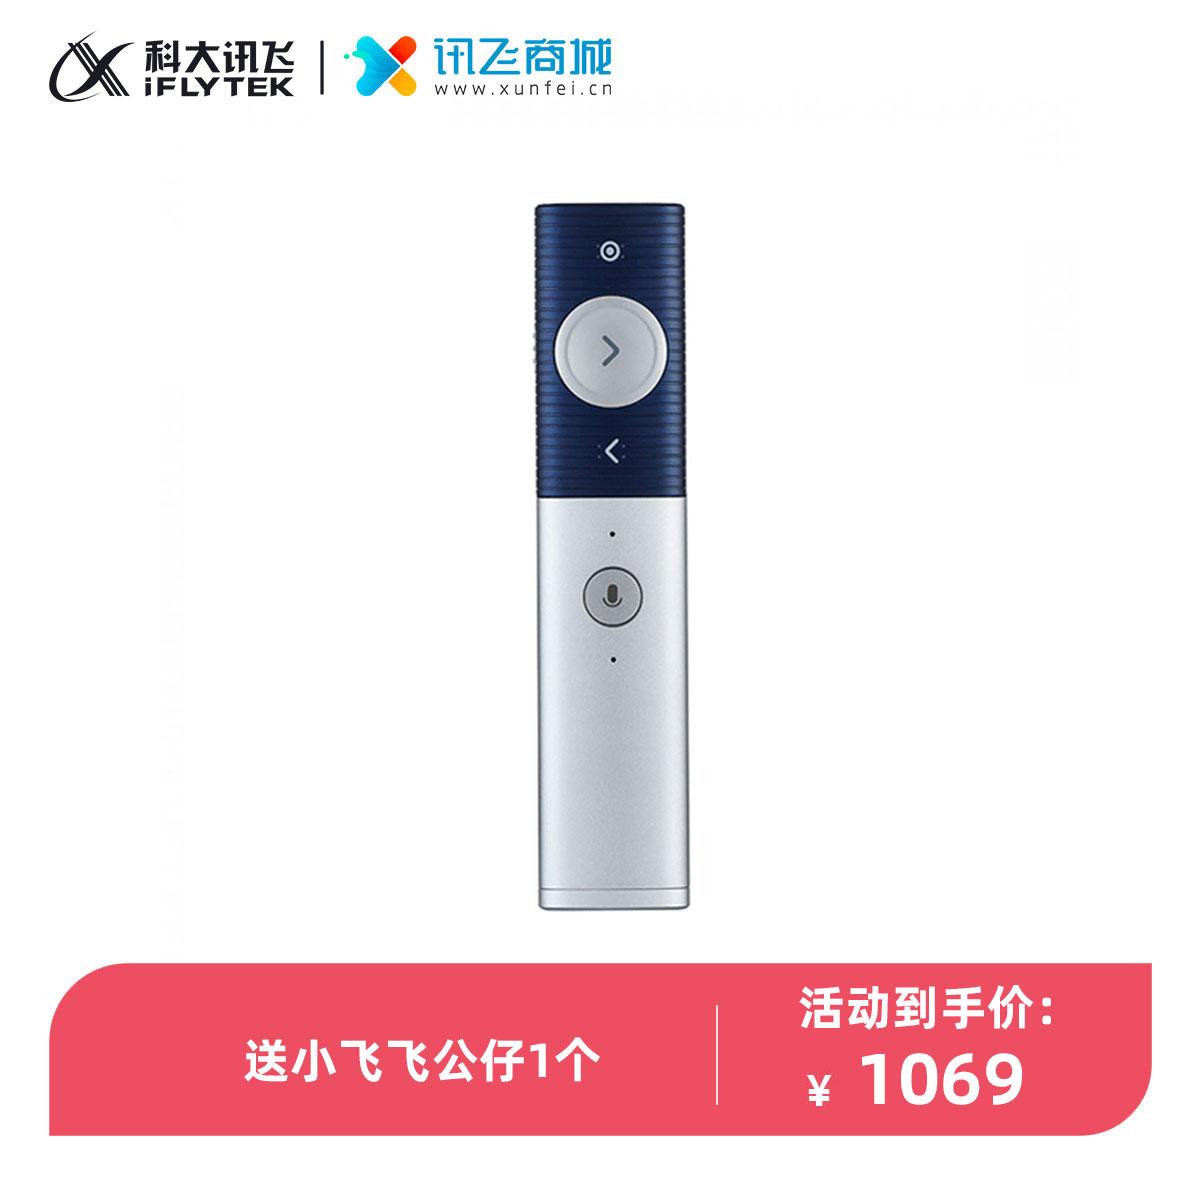 讯飞智能演示器P1尊享版【A....